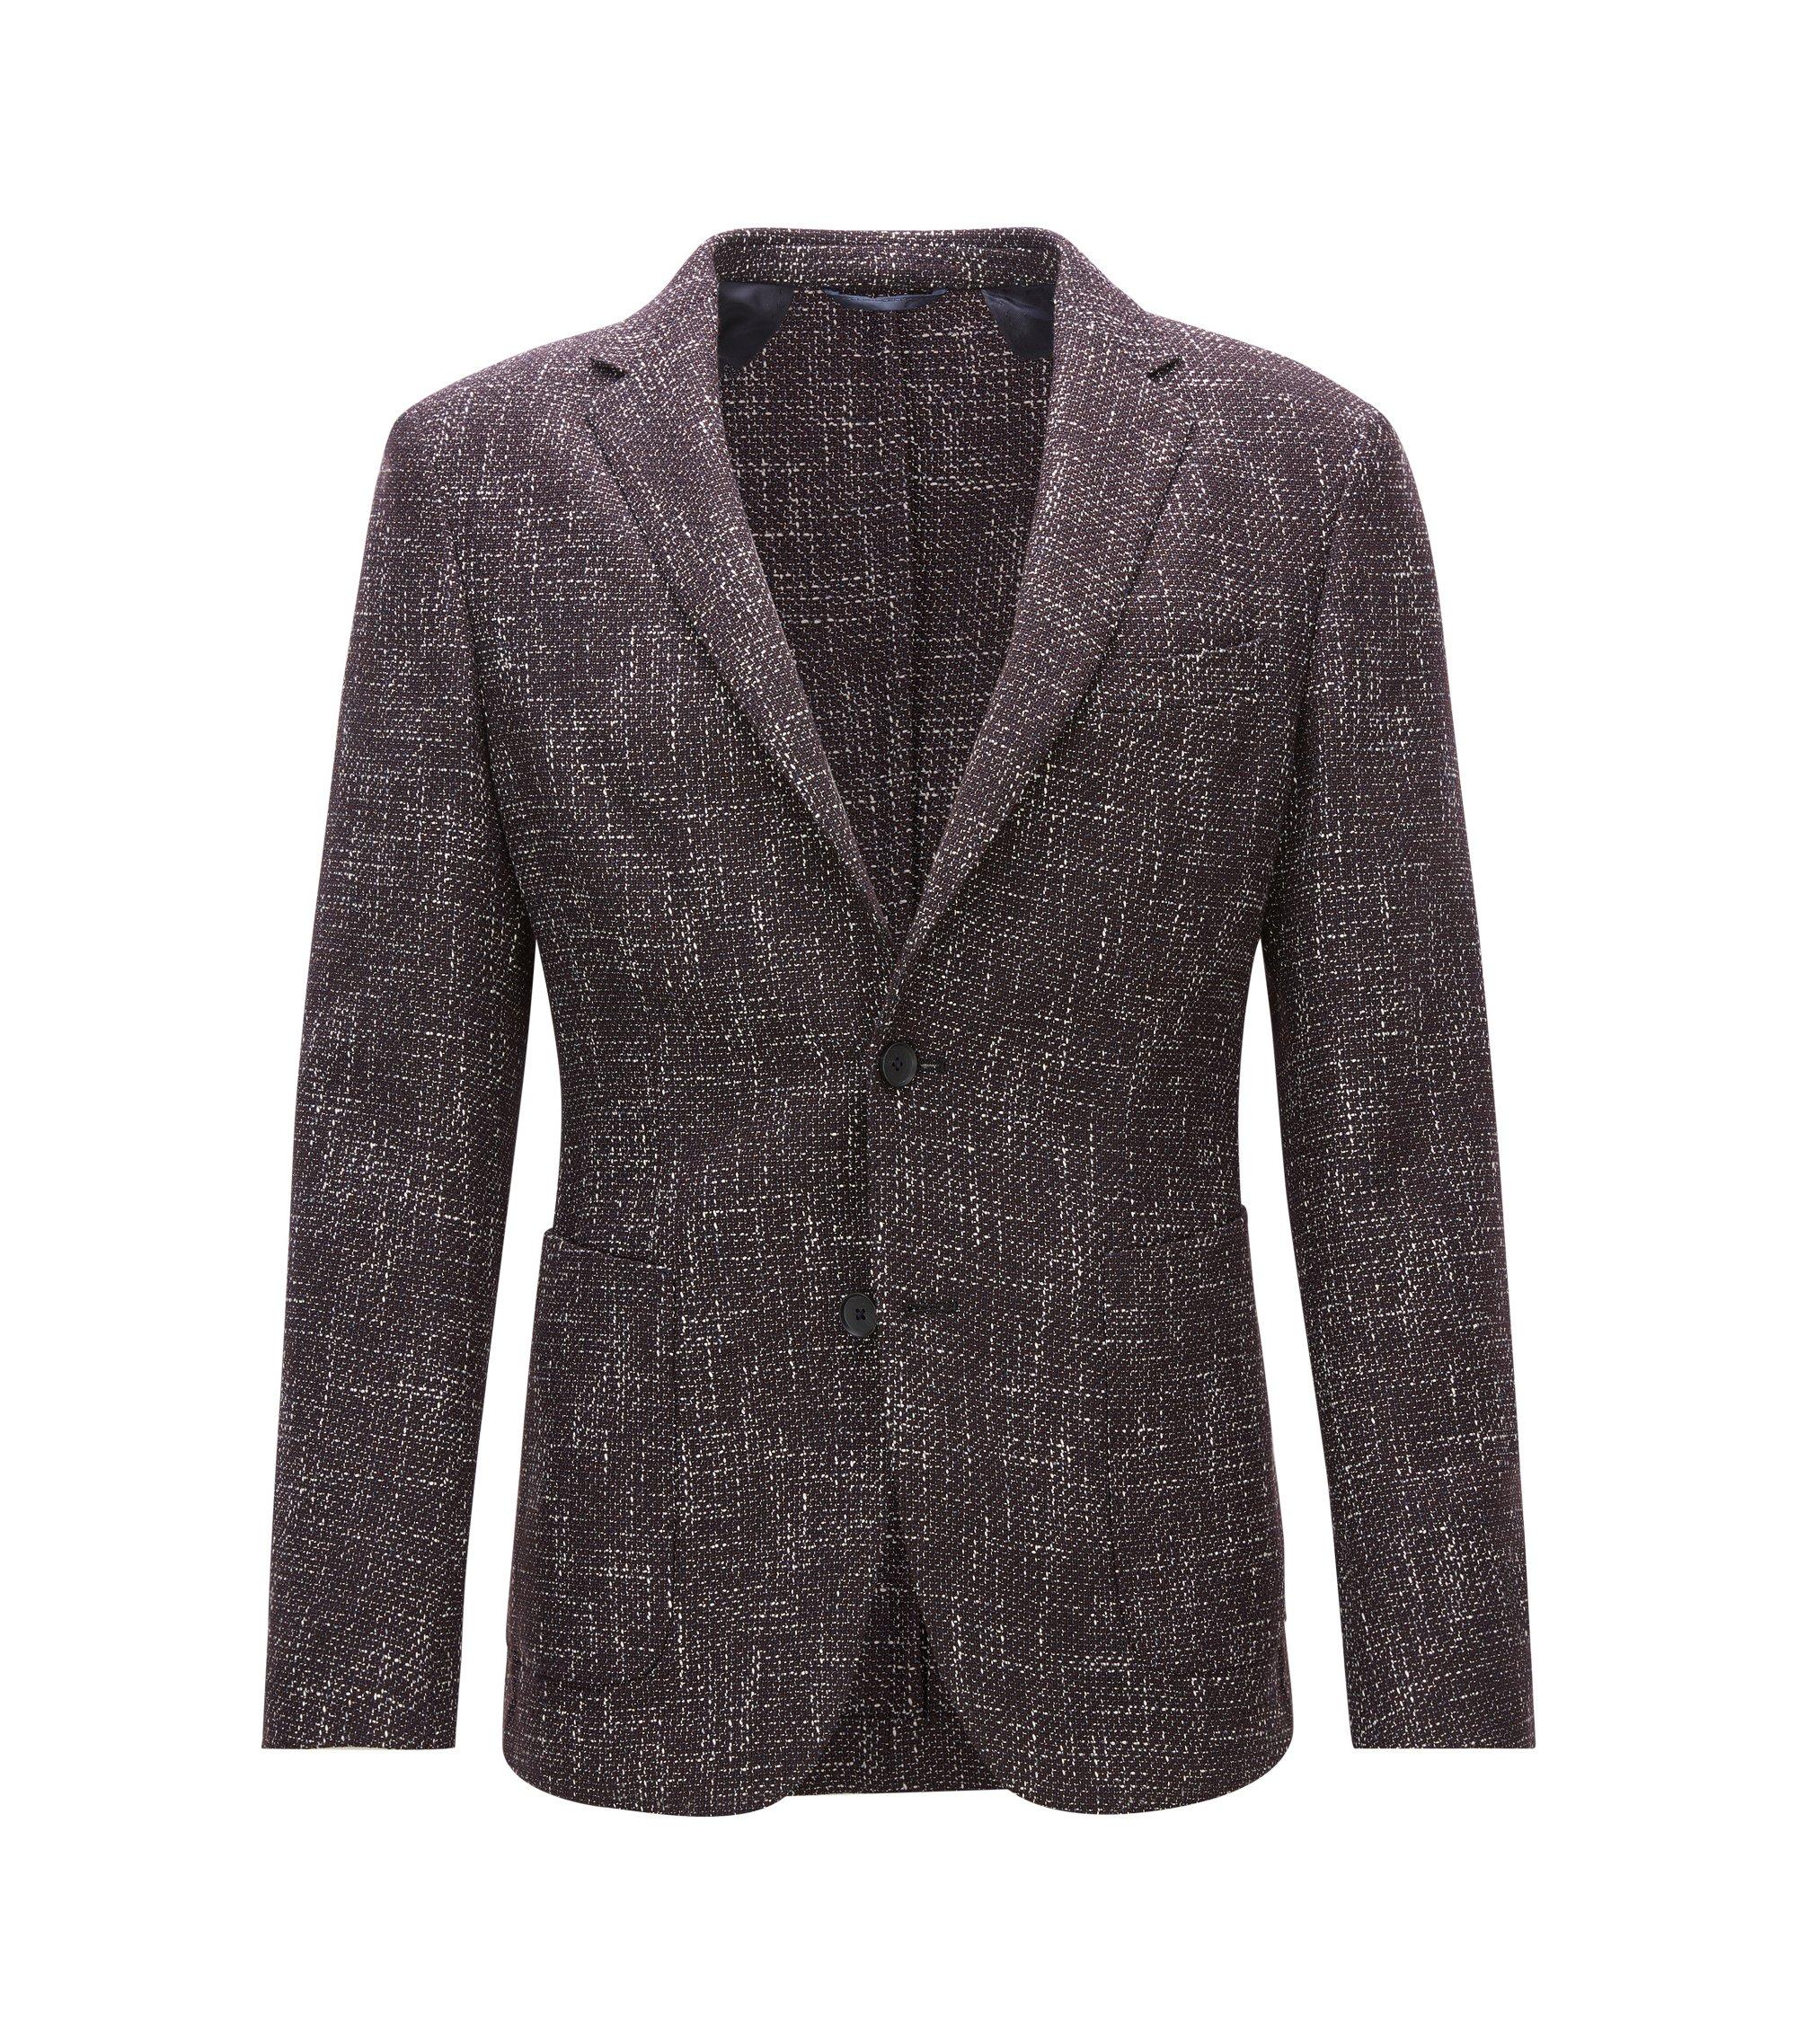 Virgin Wool Blend Tweed Sport Coat, Slim Fit   Nold, Dark Red